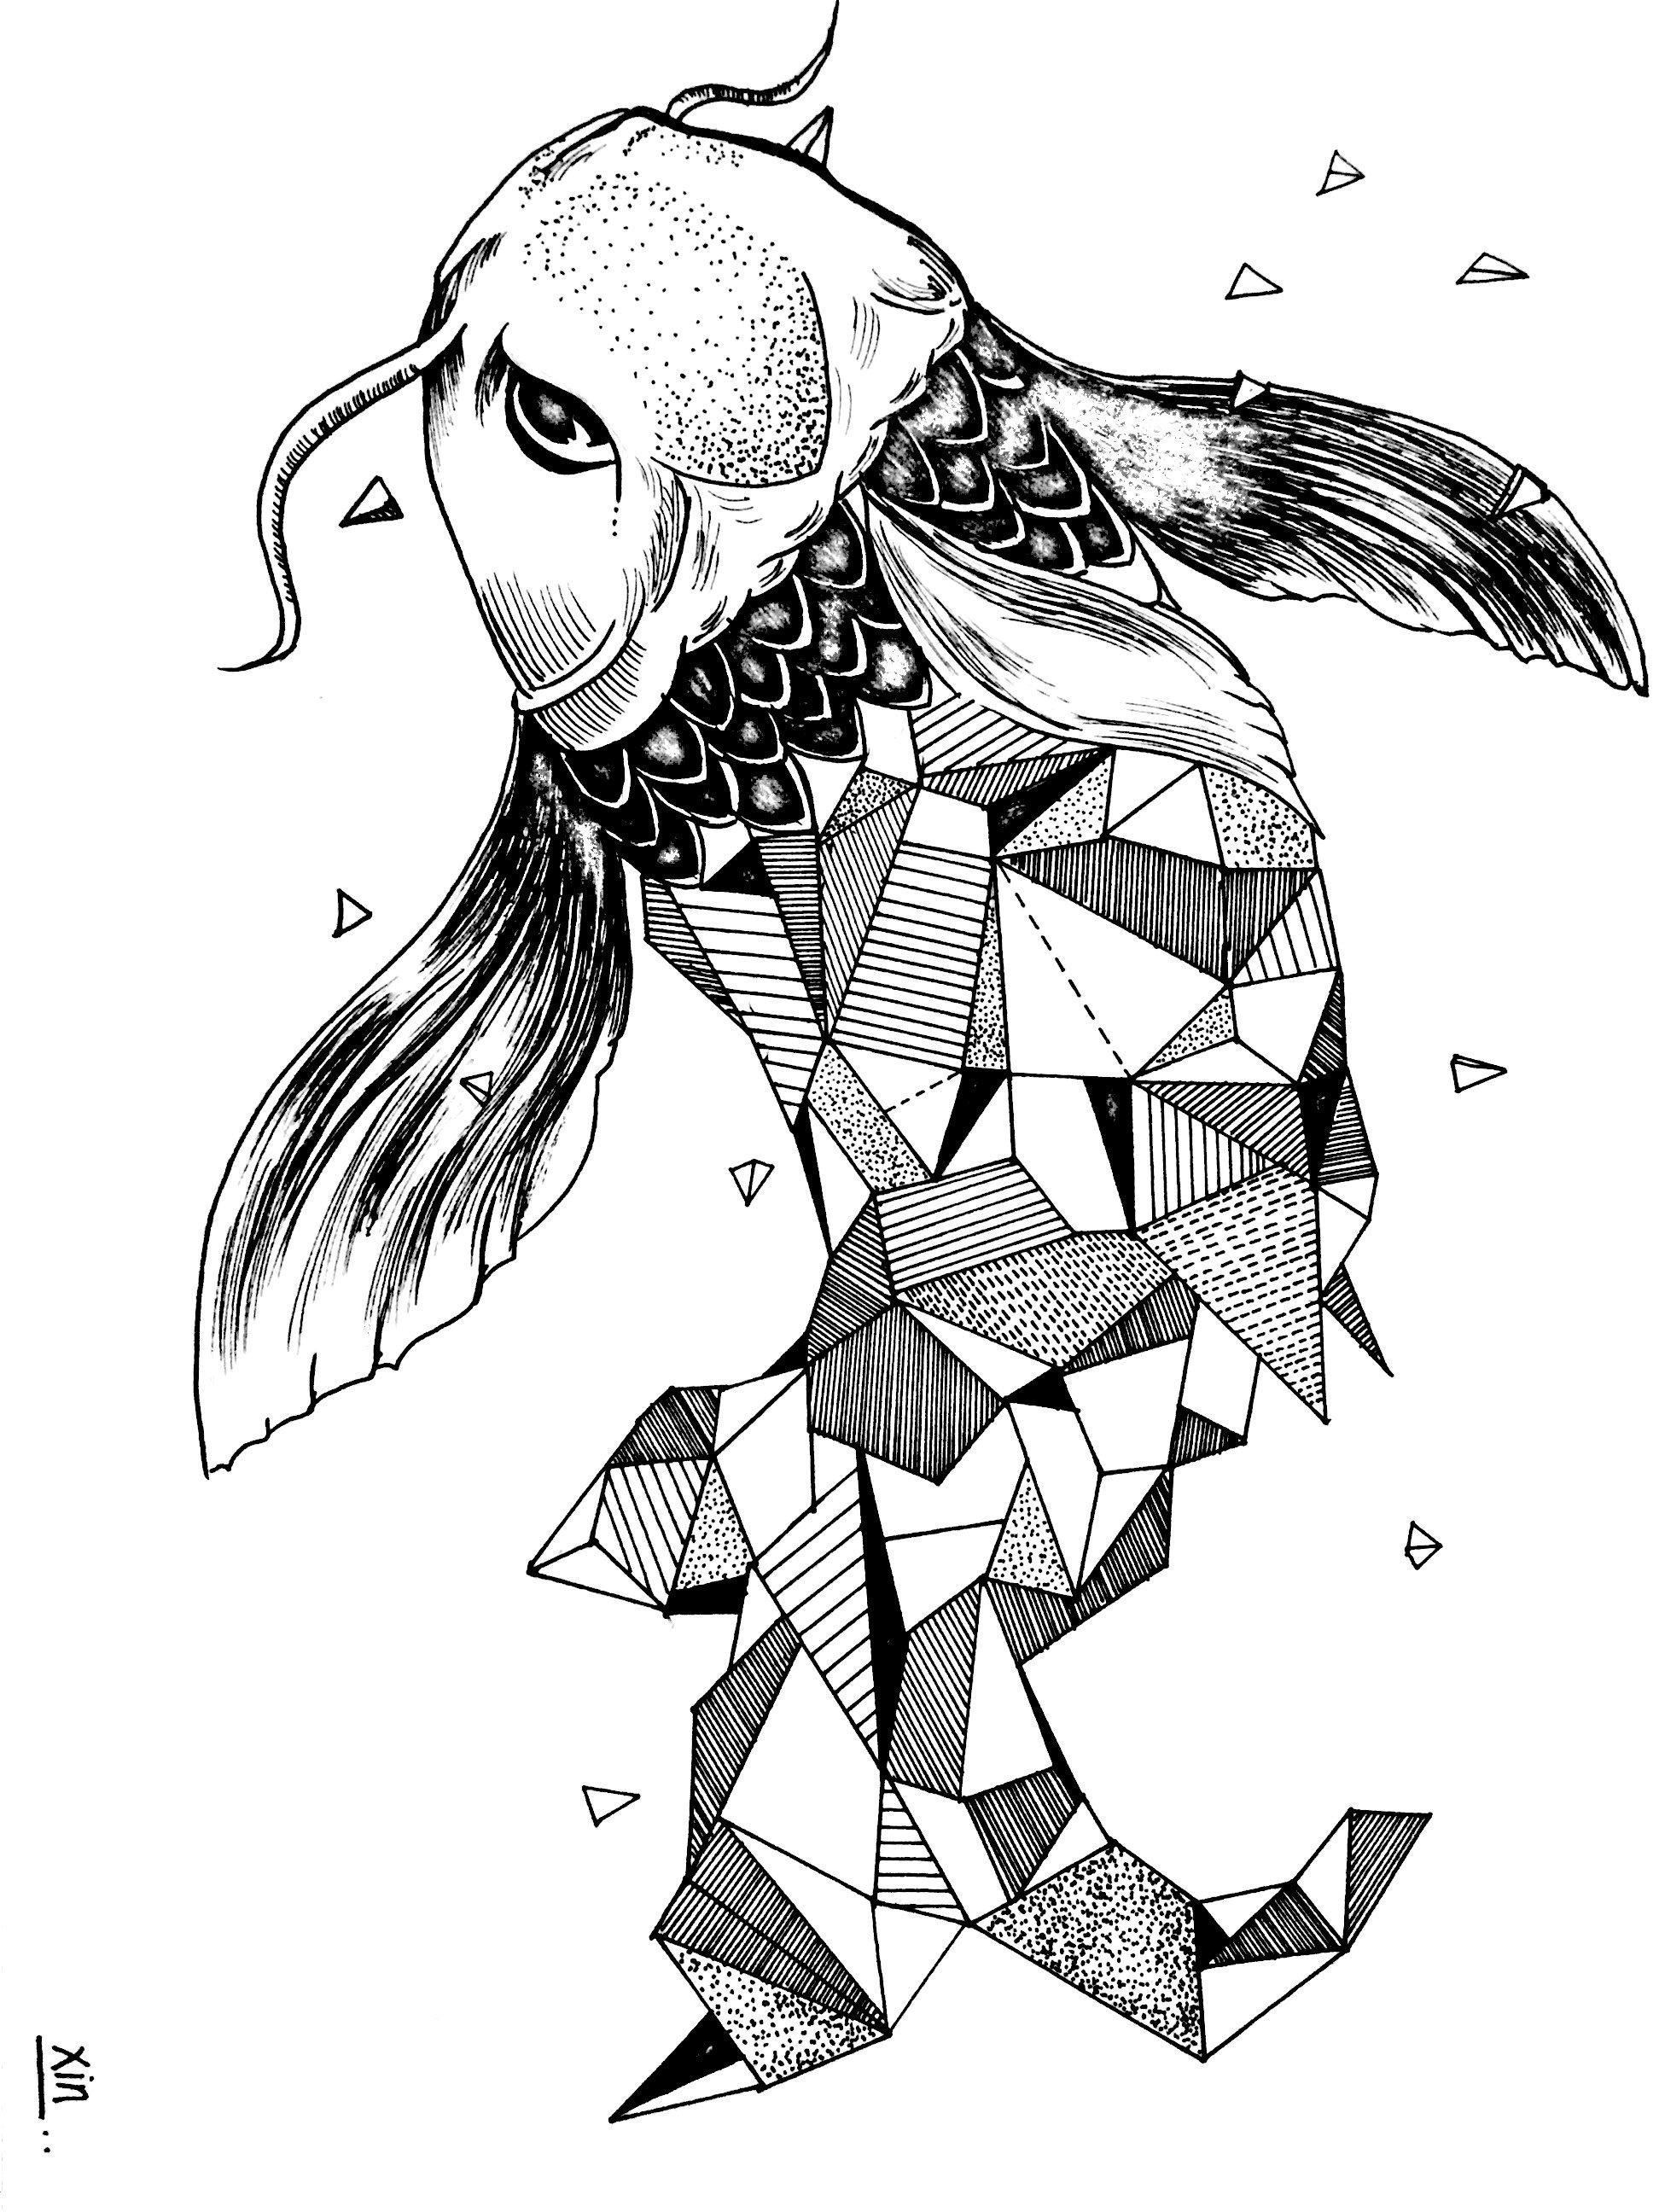 手绘|插画|插画习作|抠脚大汉欣 - 原创作品 - 站酷